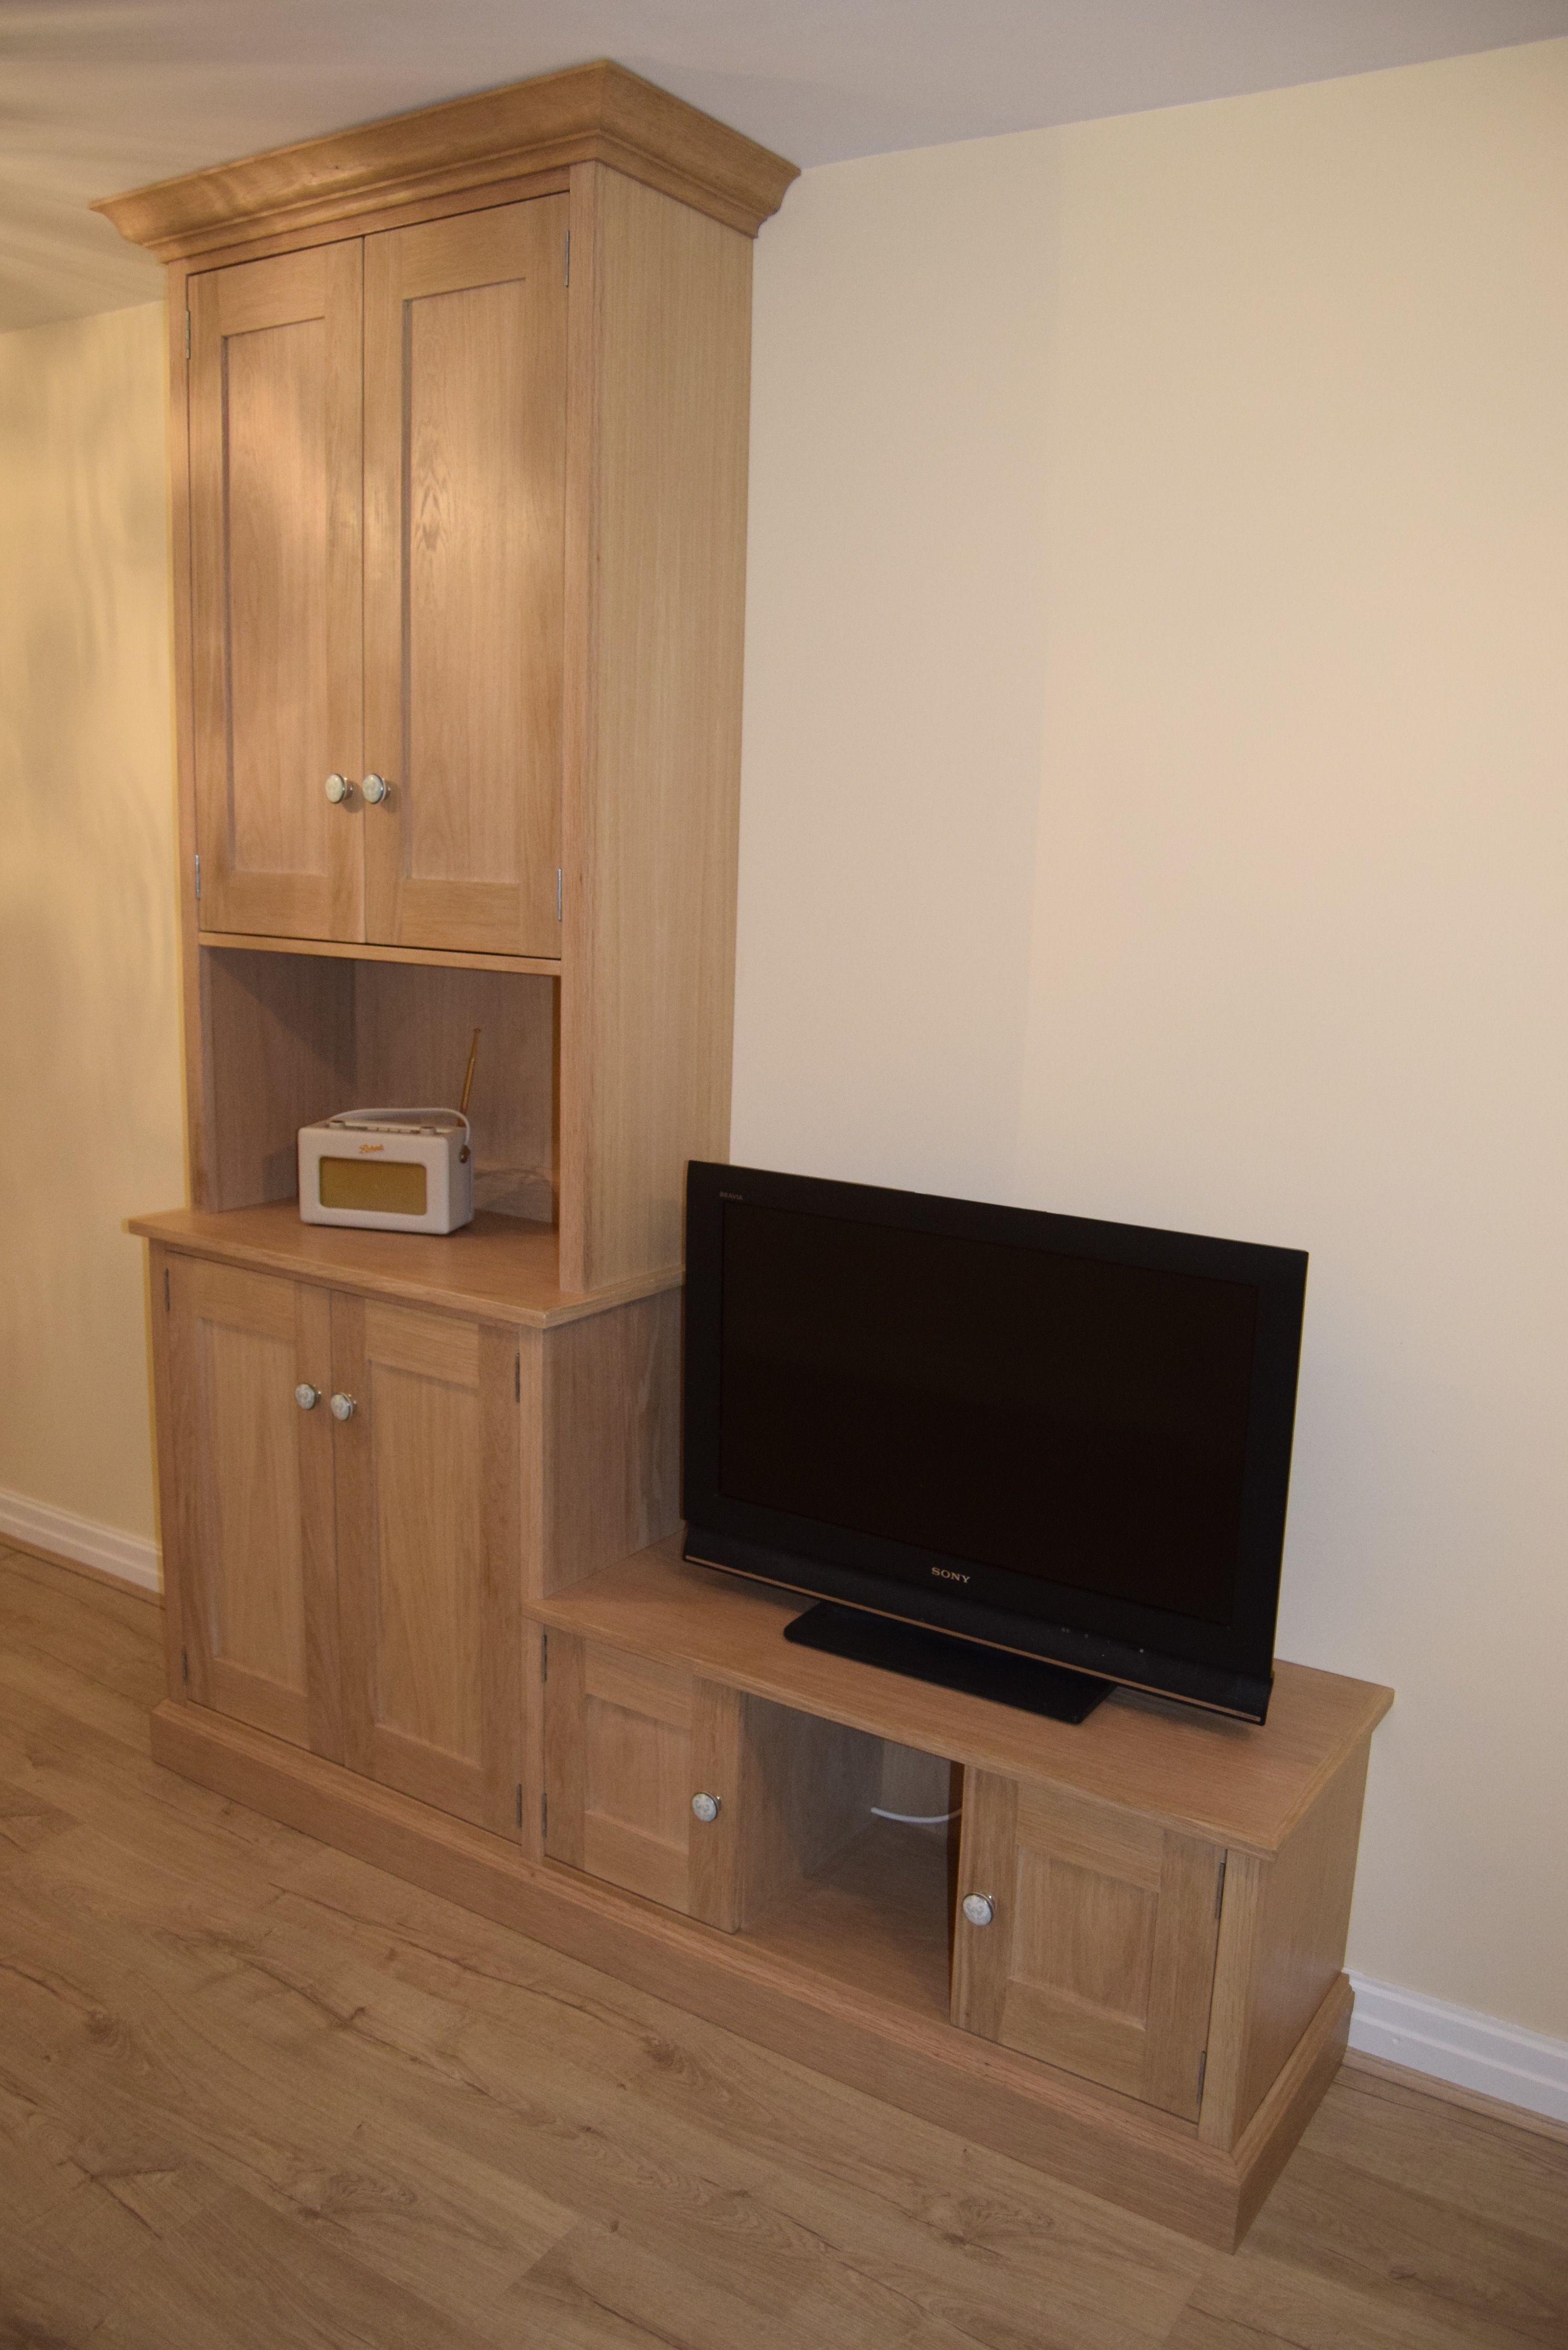 Oak Cabinet   T.V Cabinet. Bespoke Furniture  Custom Cabinet Maker. Gill  Martinez  Manchester, England.